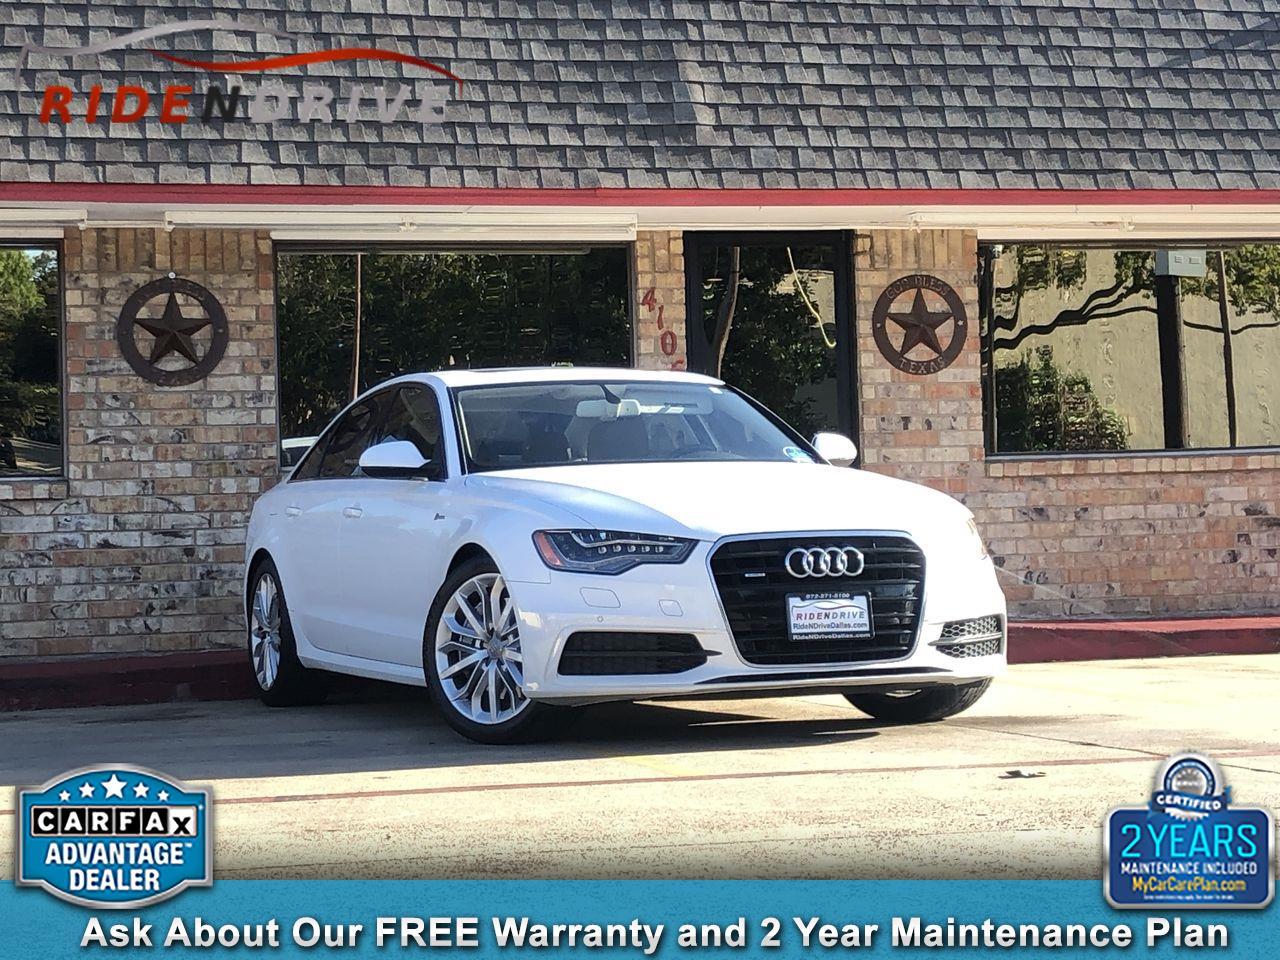 2012 Audi A6 4dr Sdn quattro 3.0T Prestige